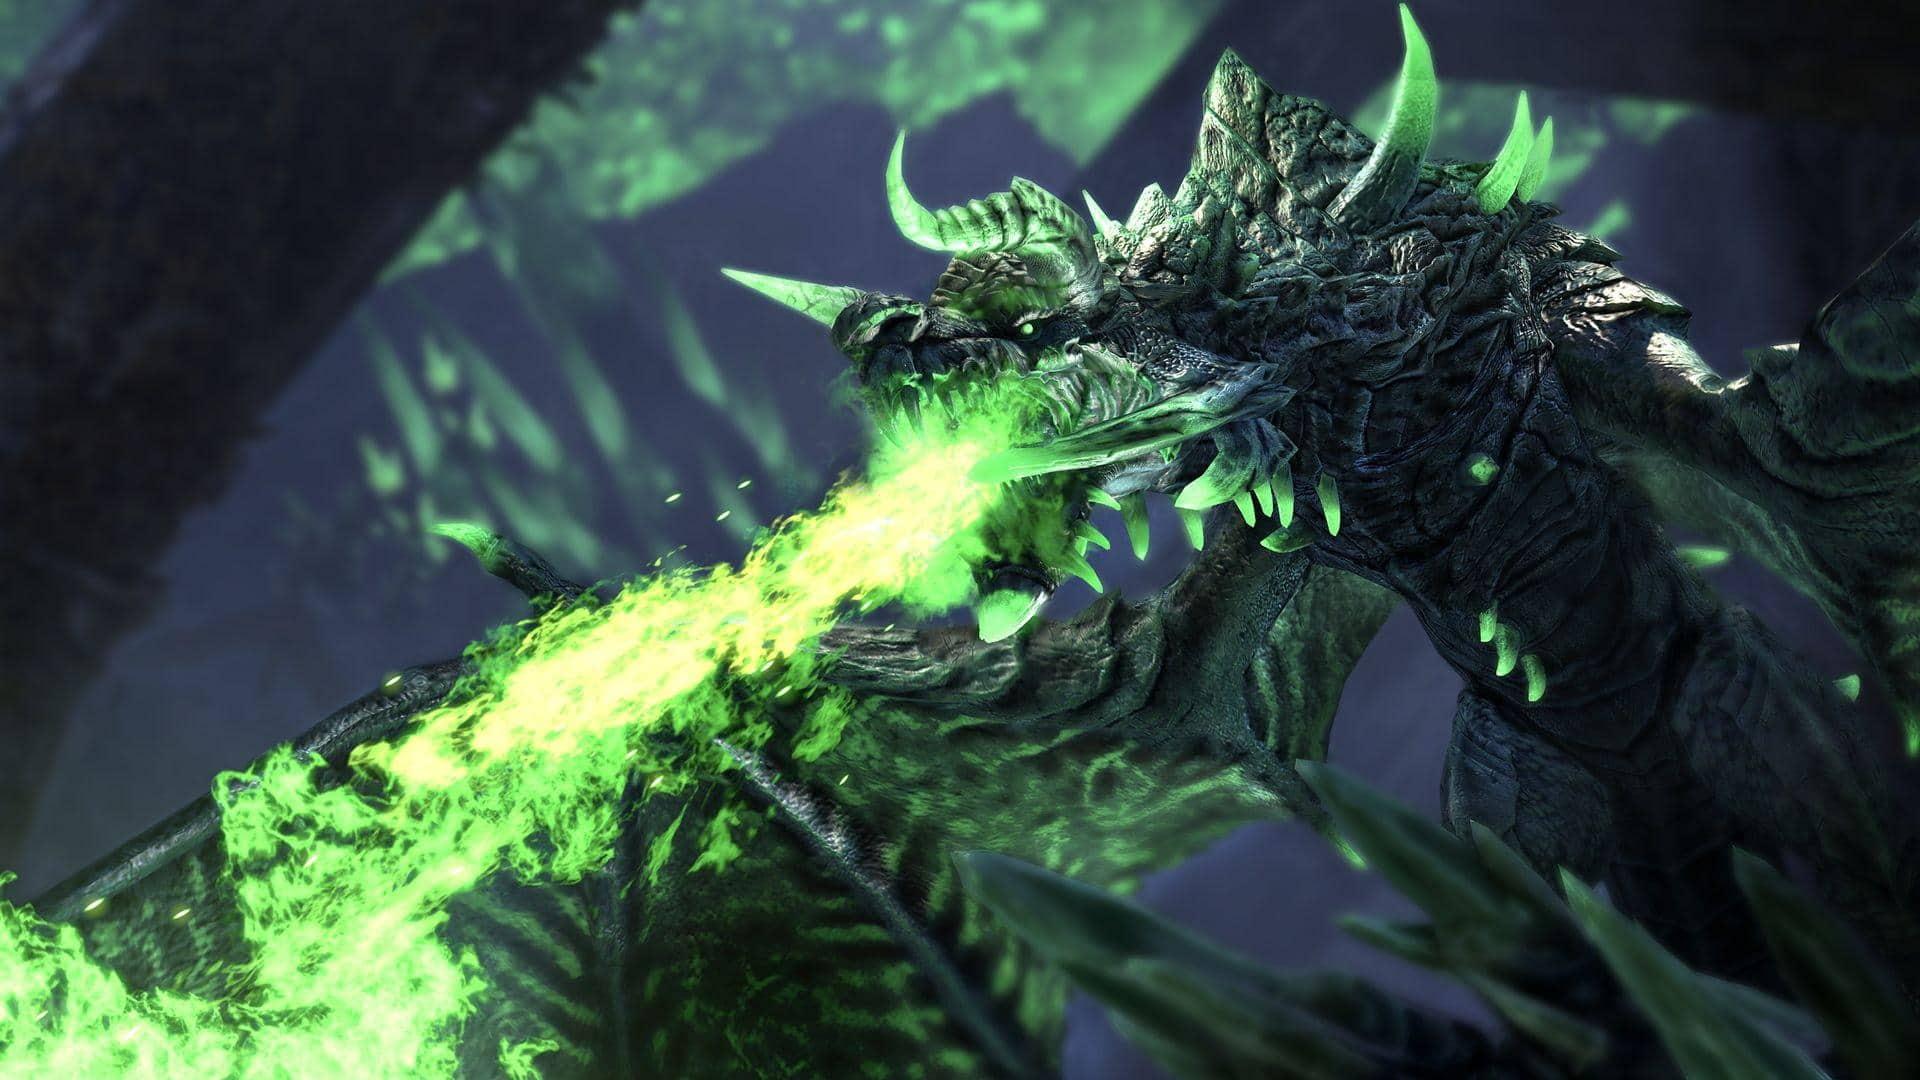 The Elder Scrolls Online presenta Dragonhold, una nueva expansión con dragones